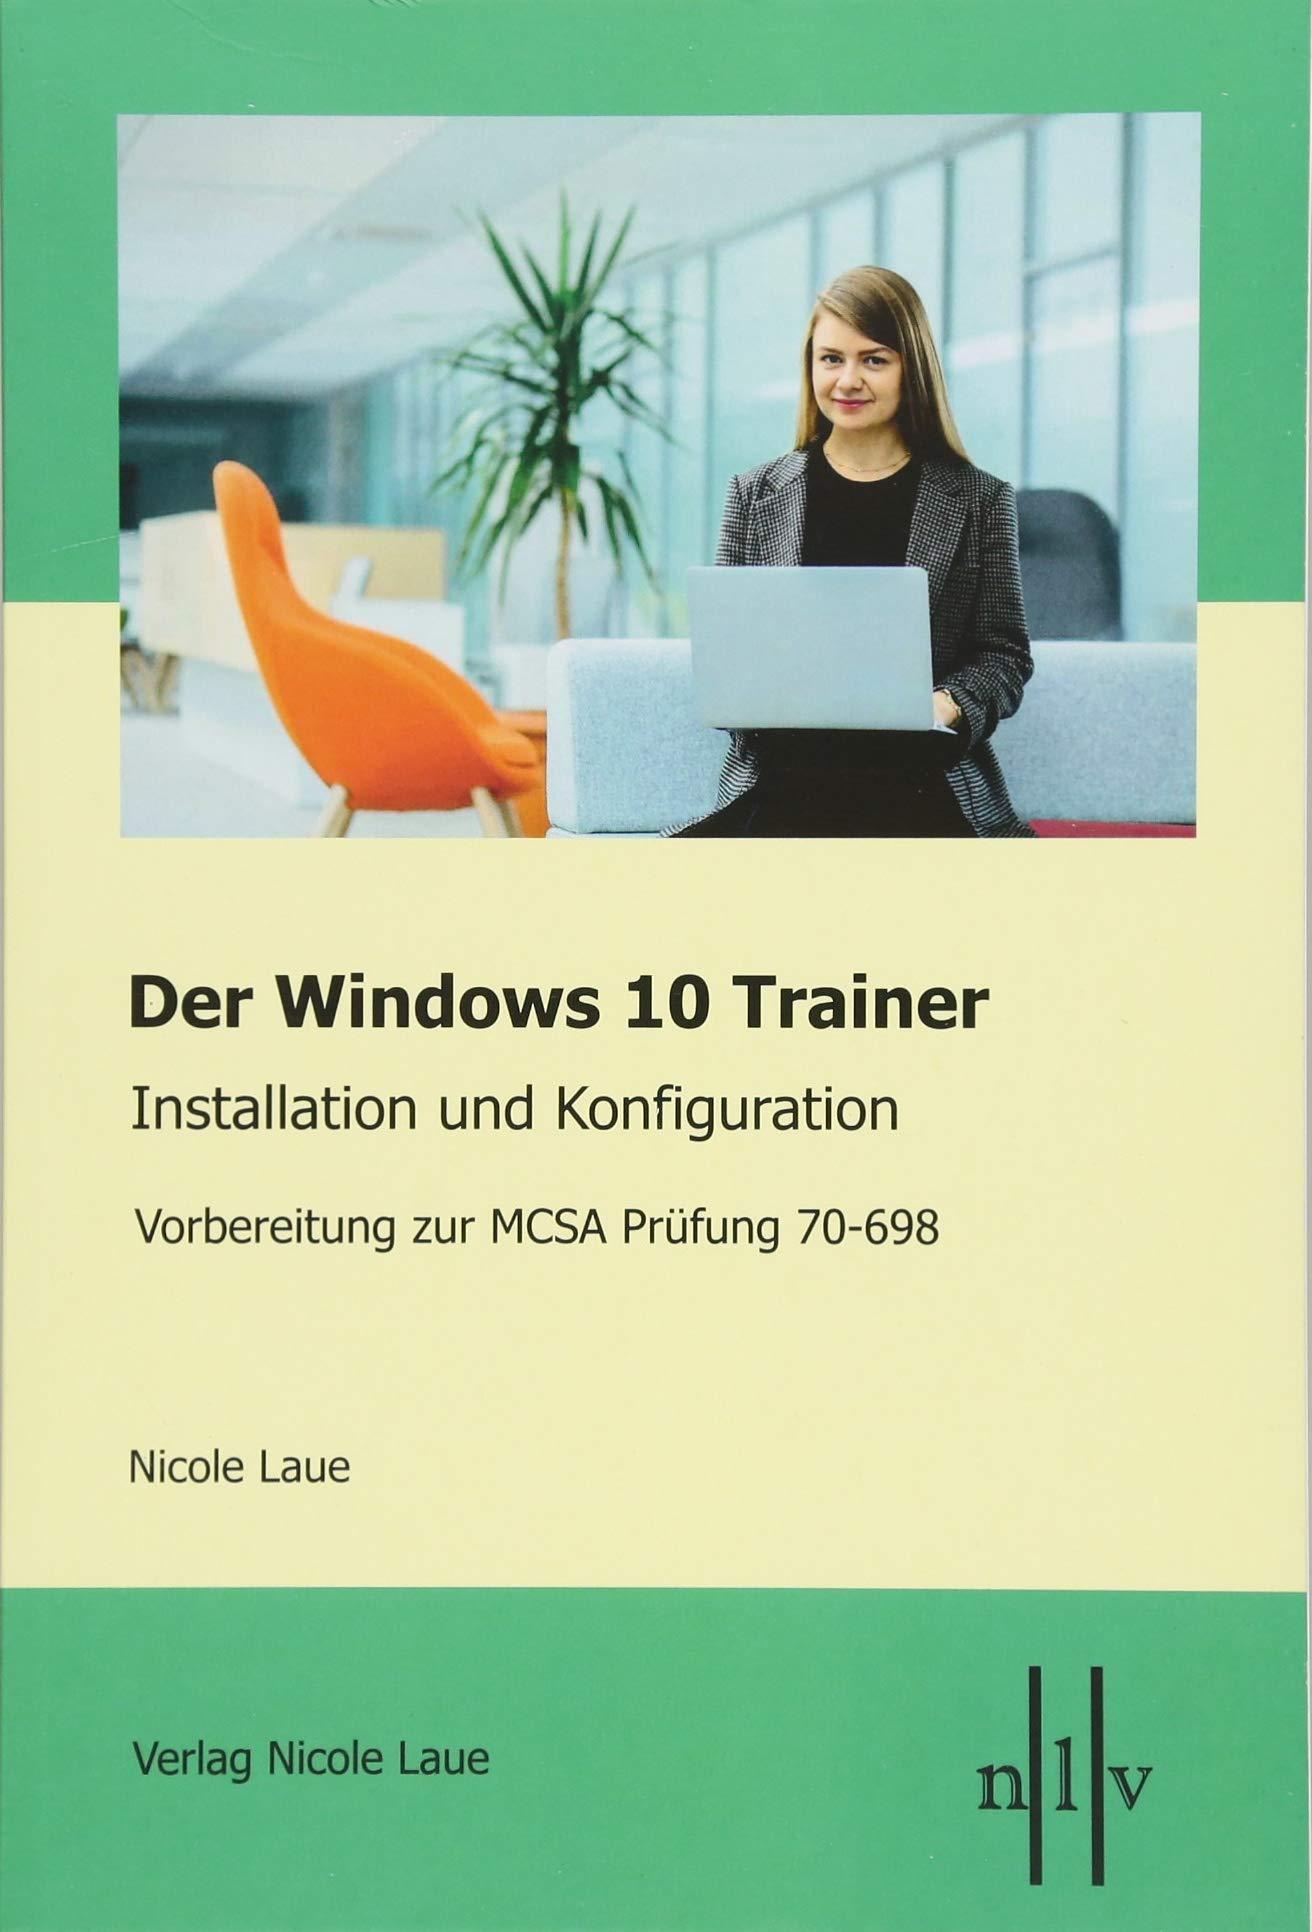 Der Windows 10 MCSA Trainer - Installation und Konfiguration: Vorbereitung zur MCSA Prüfung 70-698 Taschenbuch – 29. Januar 2018 Nicole Laue 3937239863 Betriebssystem (EDV) EDV / Berufe